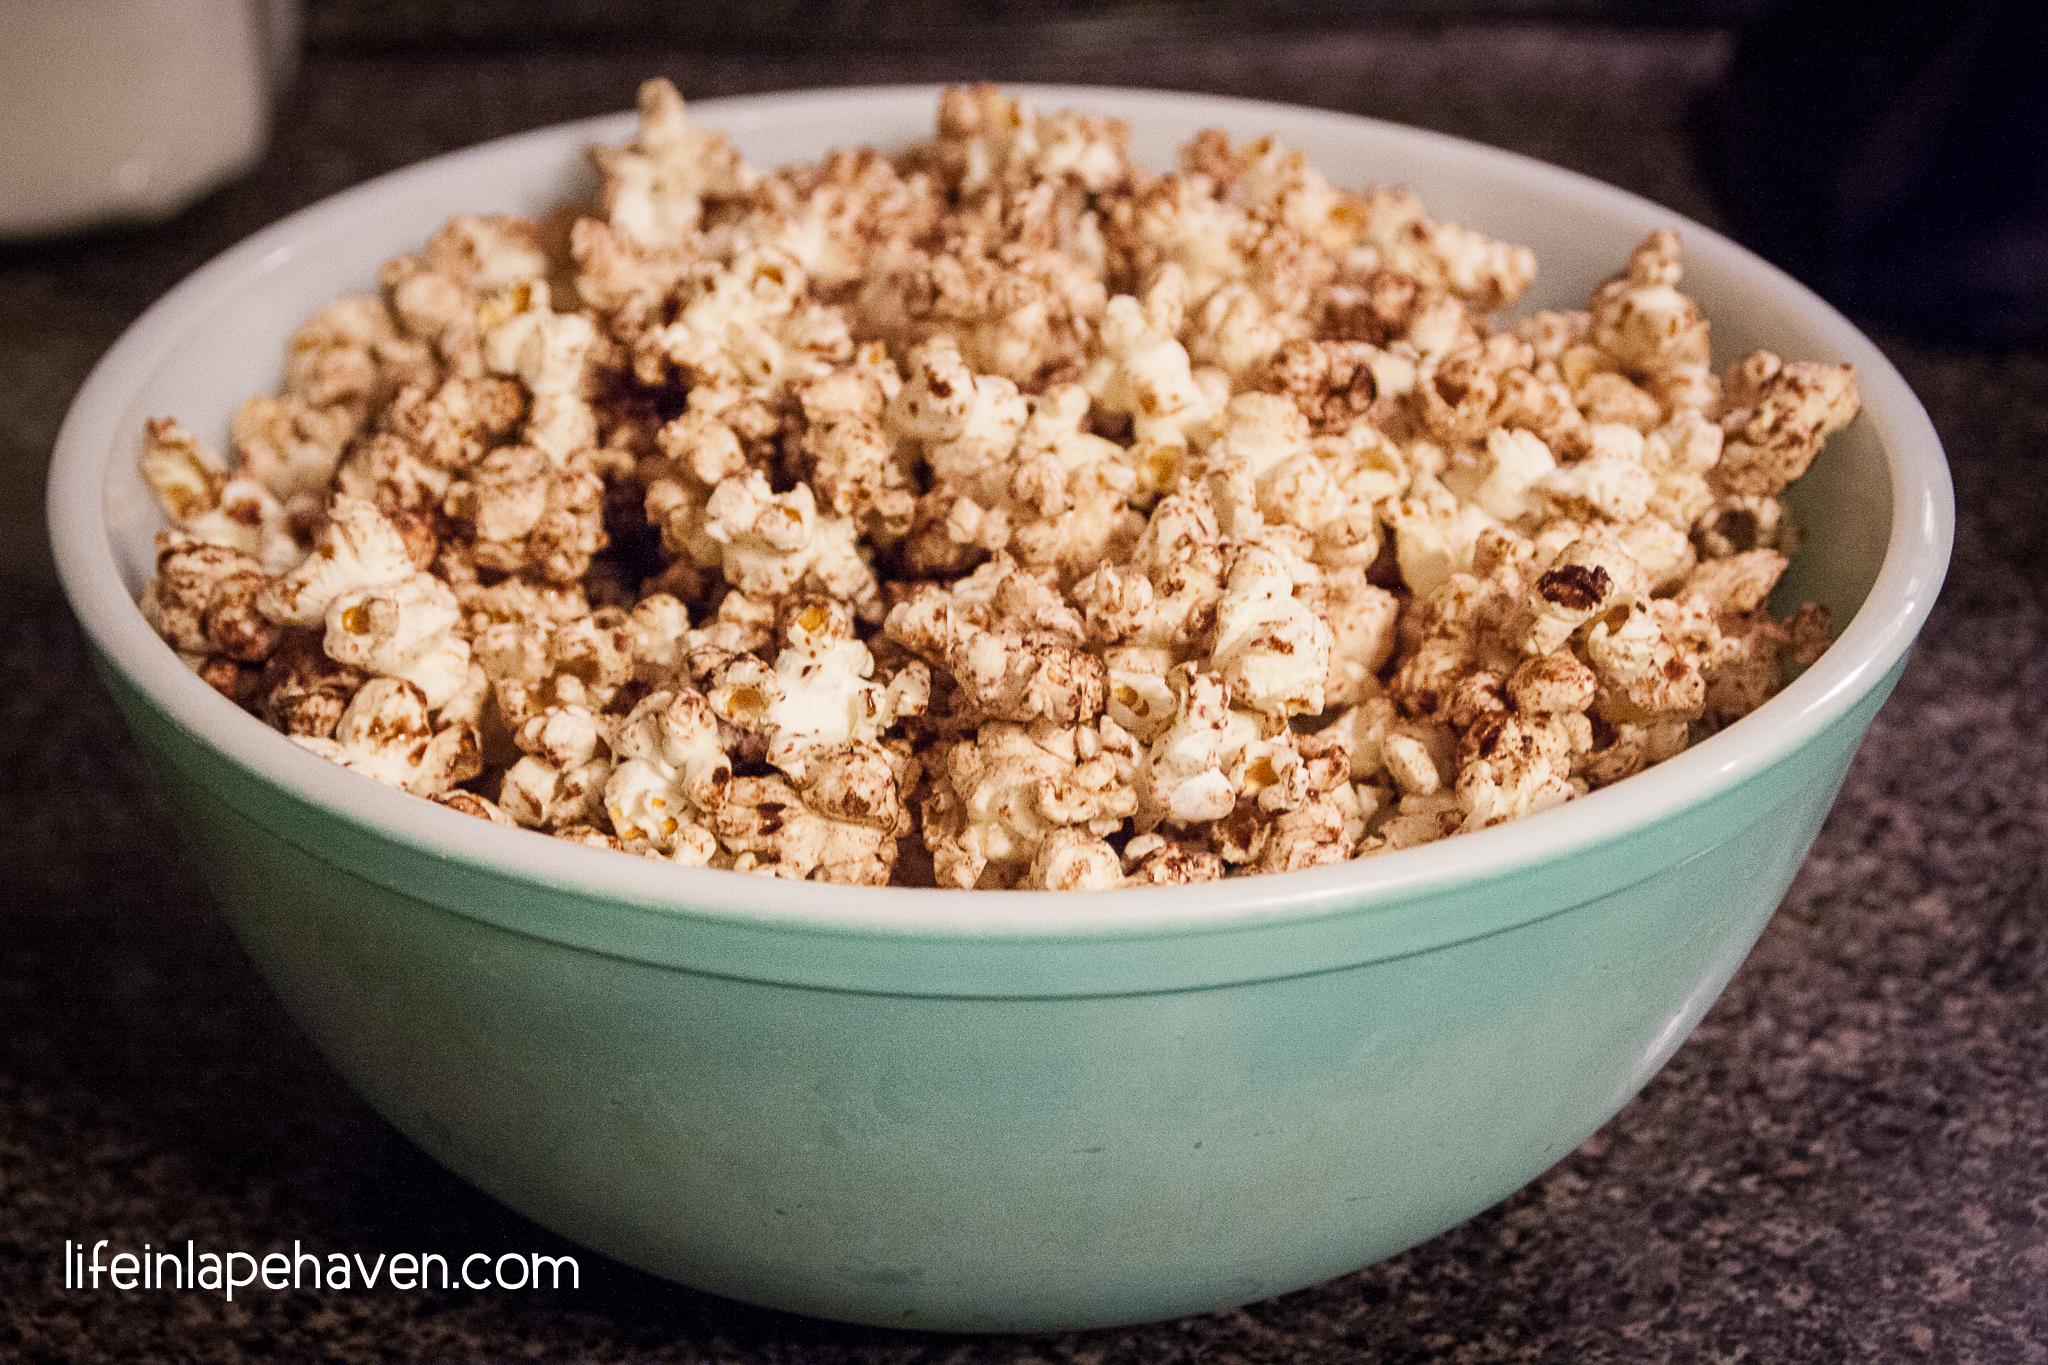 Life in Lape Haven: Cinnamon Sugar Kettle Corn recipe. A quick, tasty, and fairly healthy stovetop popcorn recipe using coconut oil.